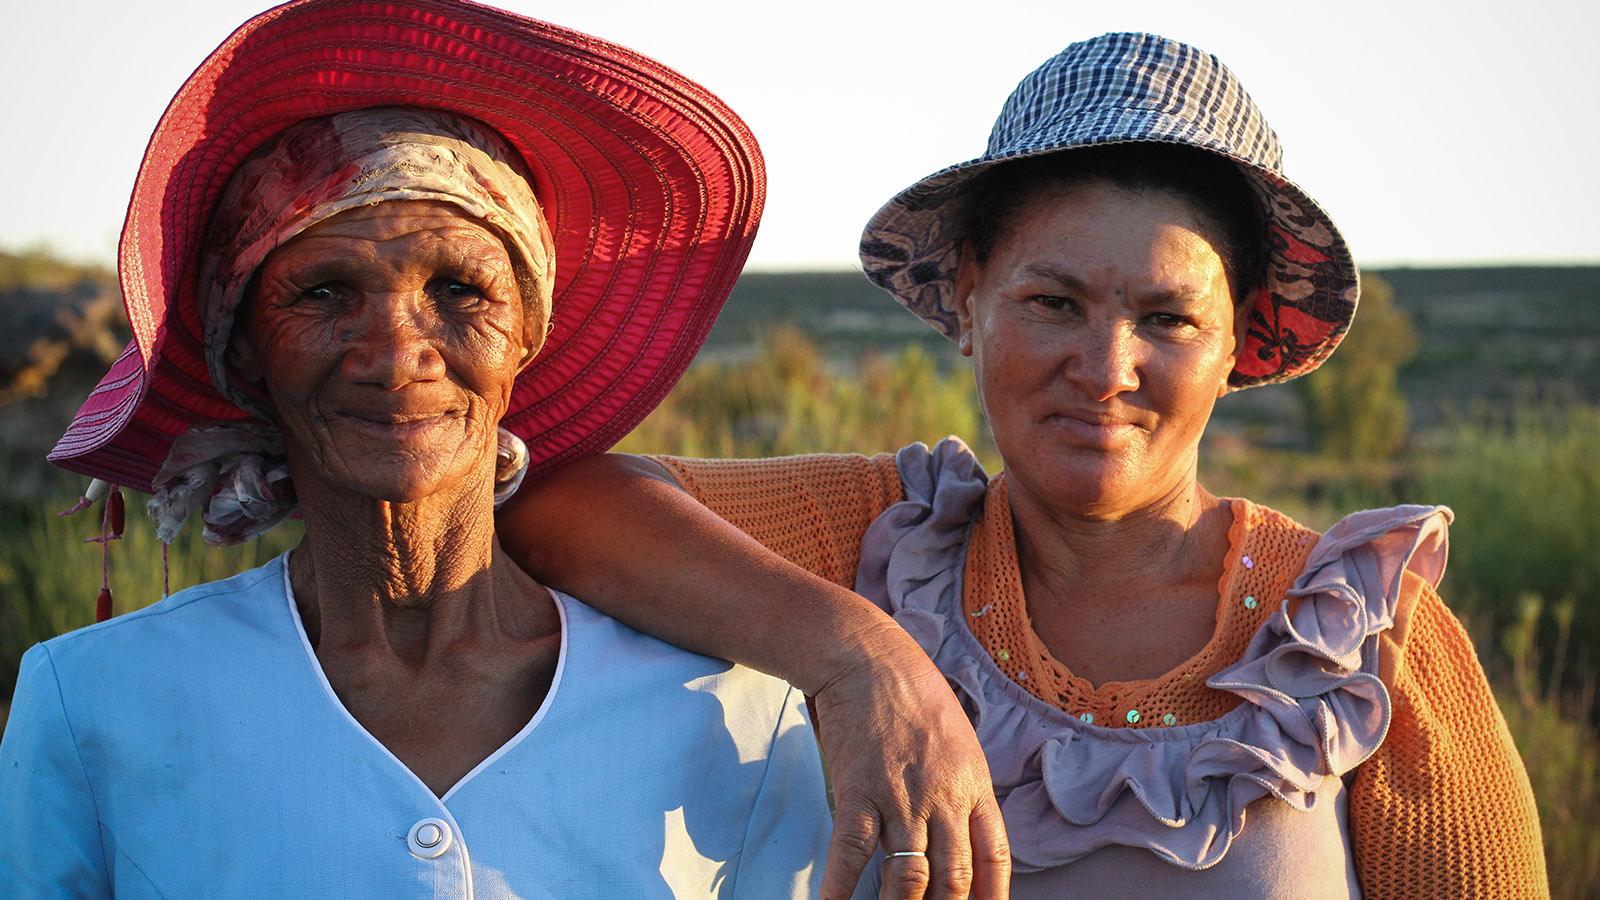 Projekt_Suedafrika_Solarprojekt_Slider_01